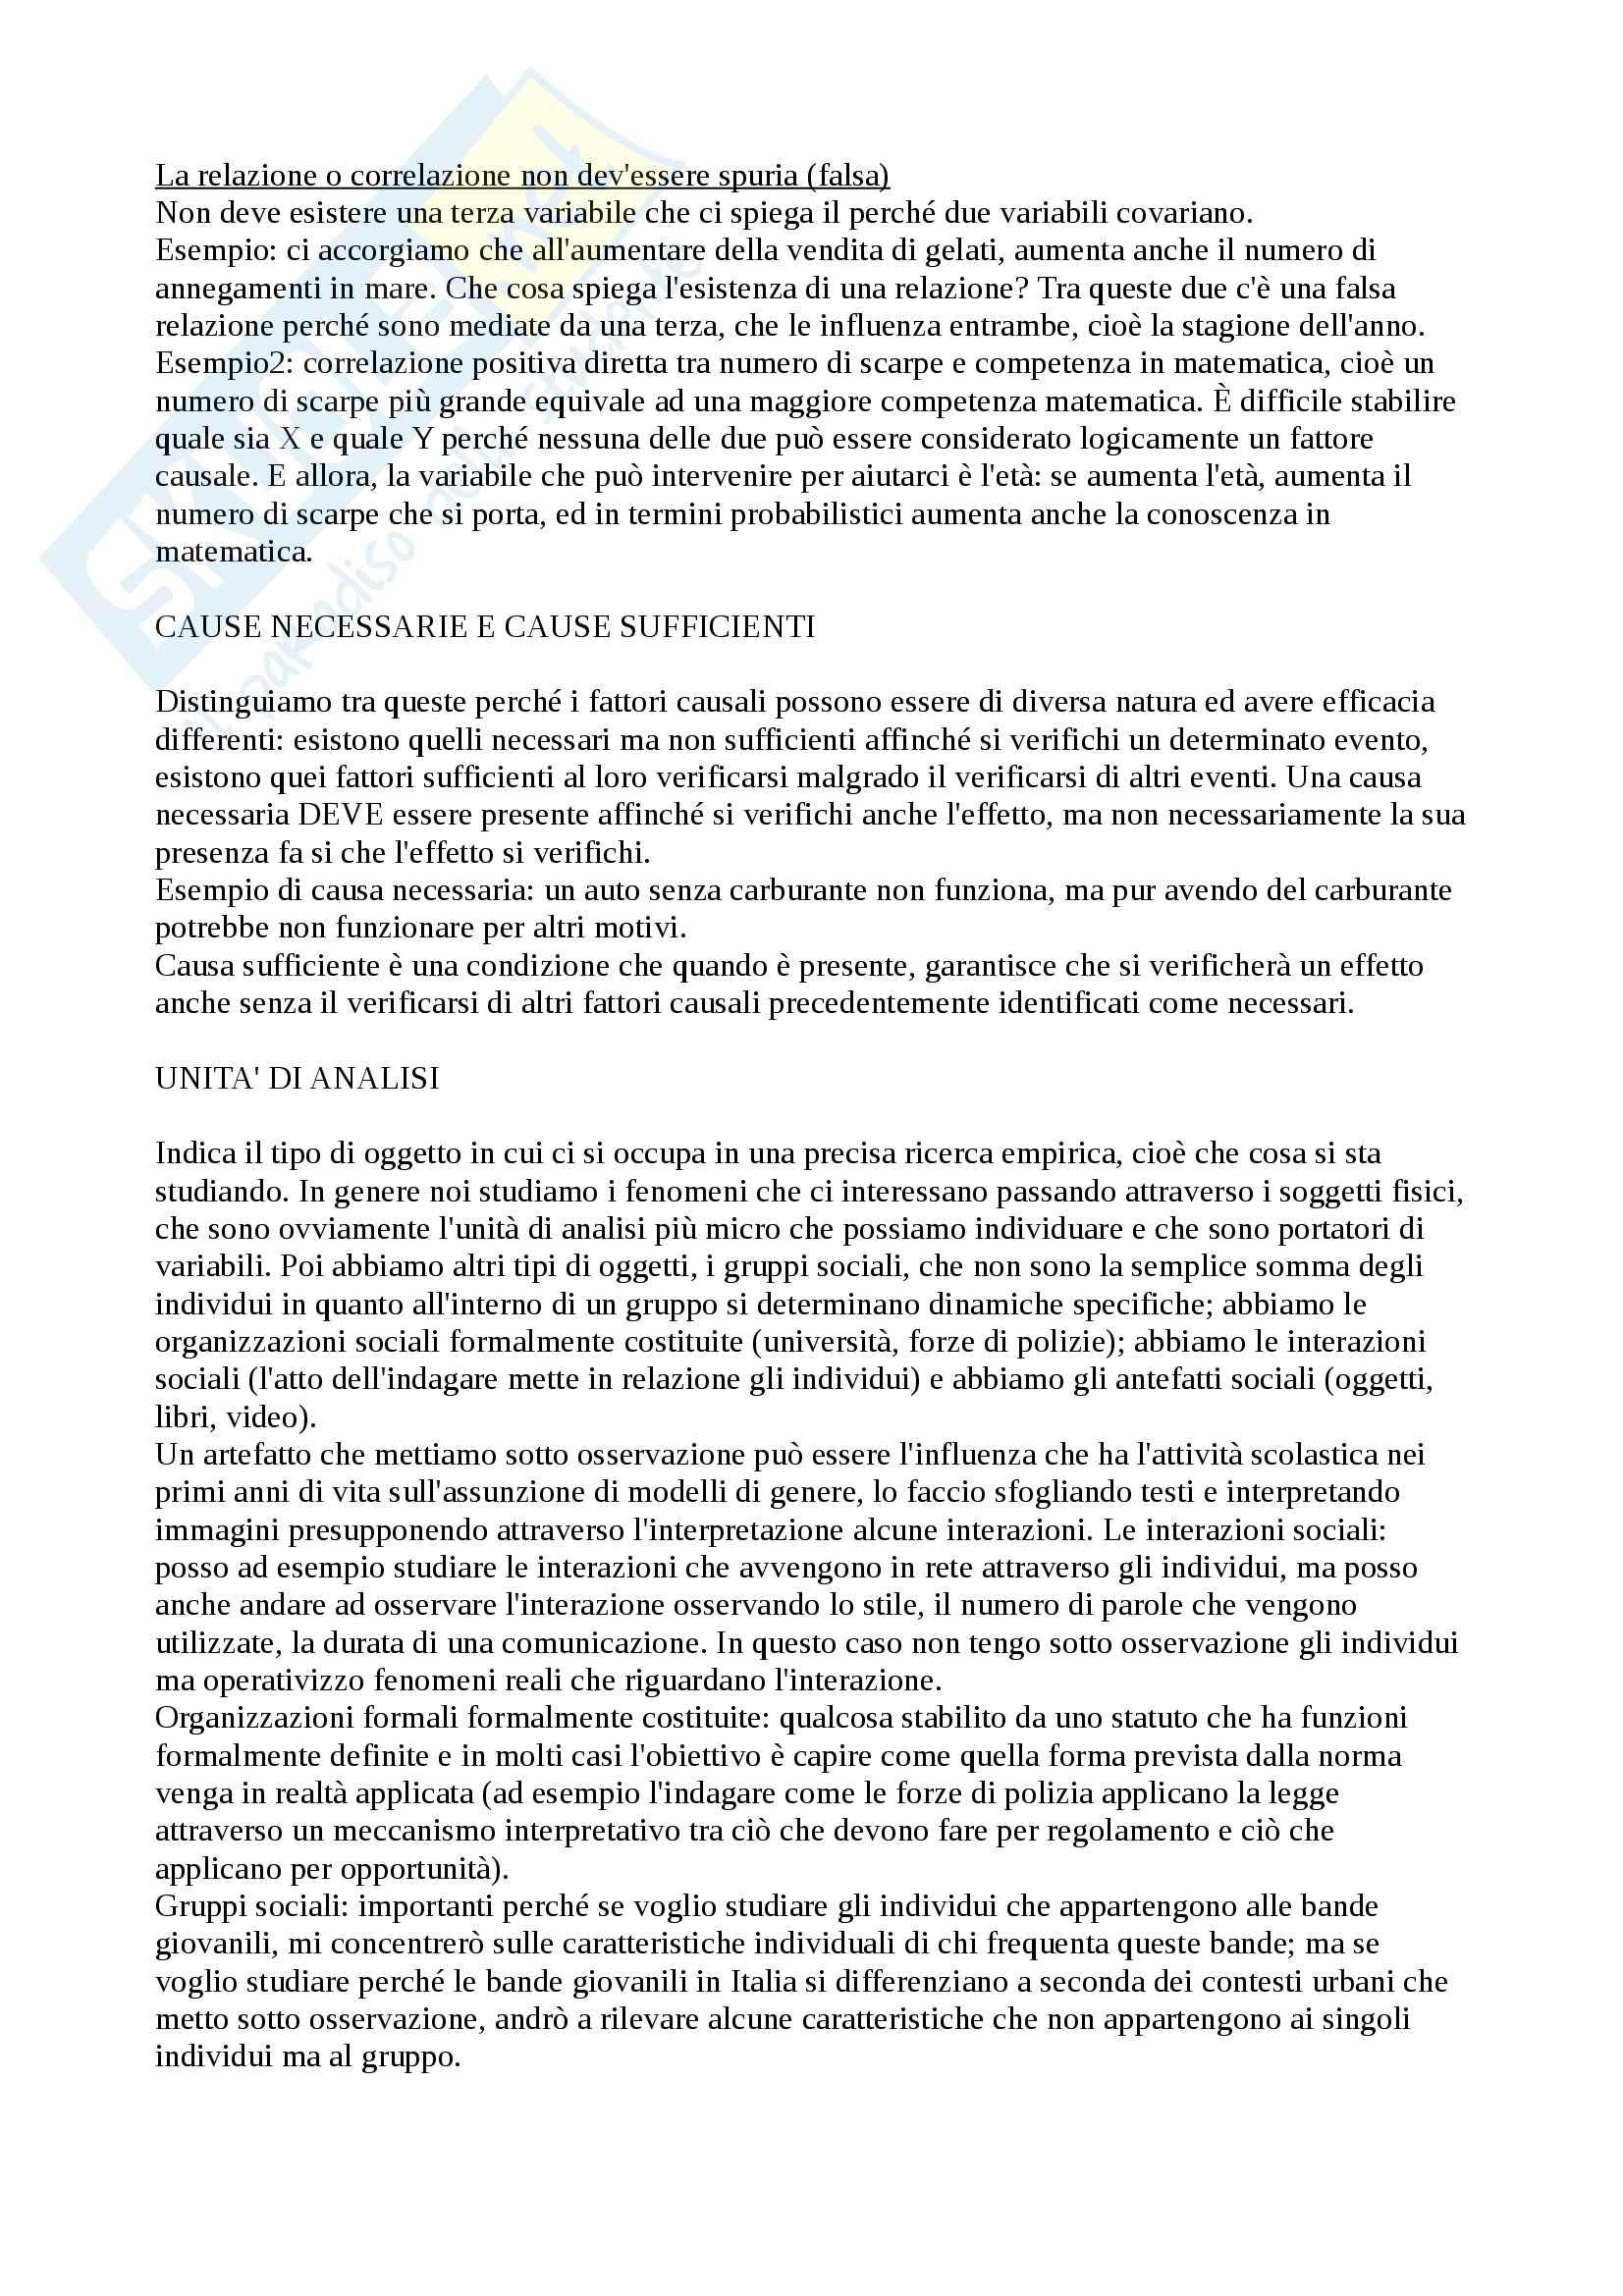 Metodologia della ricerca sociale e dell'indagine criminologica - Appunti Pag. 11